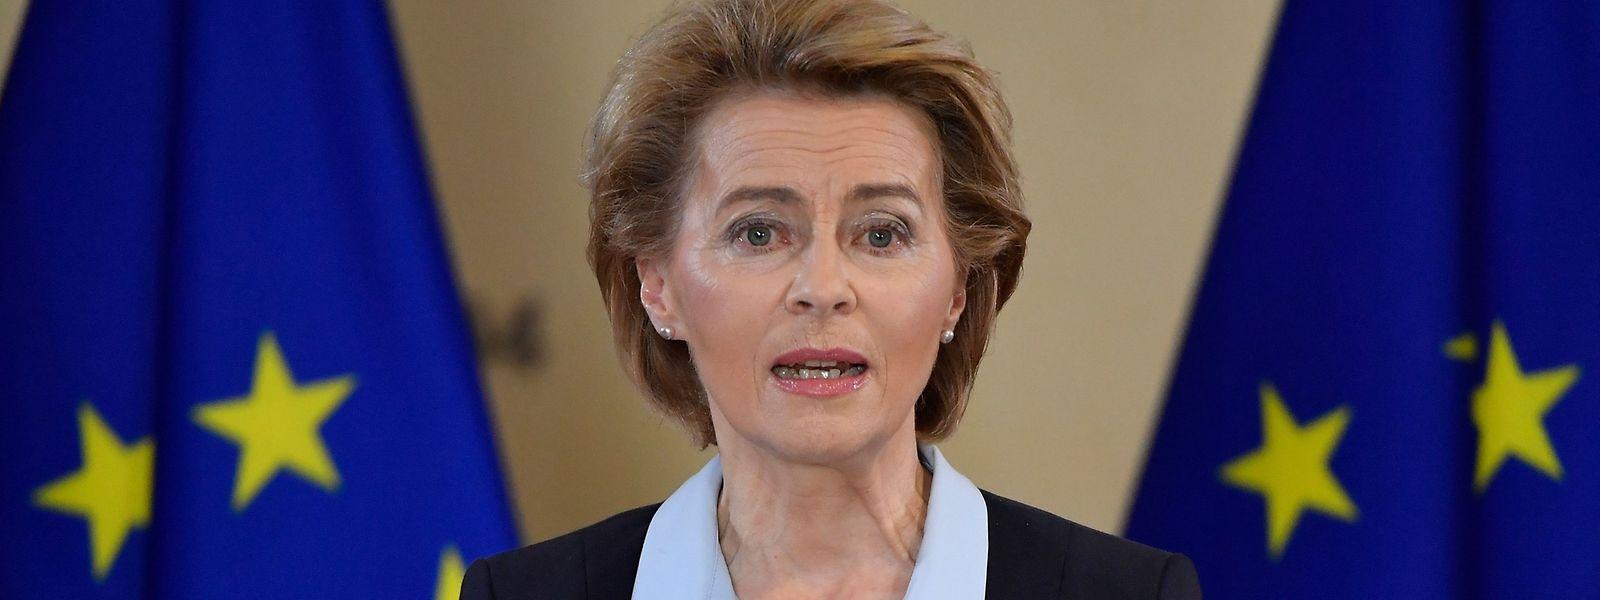 EU-Kommissionspräsidentin Ursula von der Leyen bei einer gemeinsamen Pressekonferenz mit der deutschen Bundeskanzlerin Angela Merkel am 2. Juli 2020.